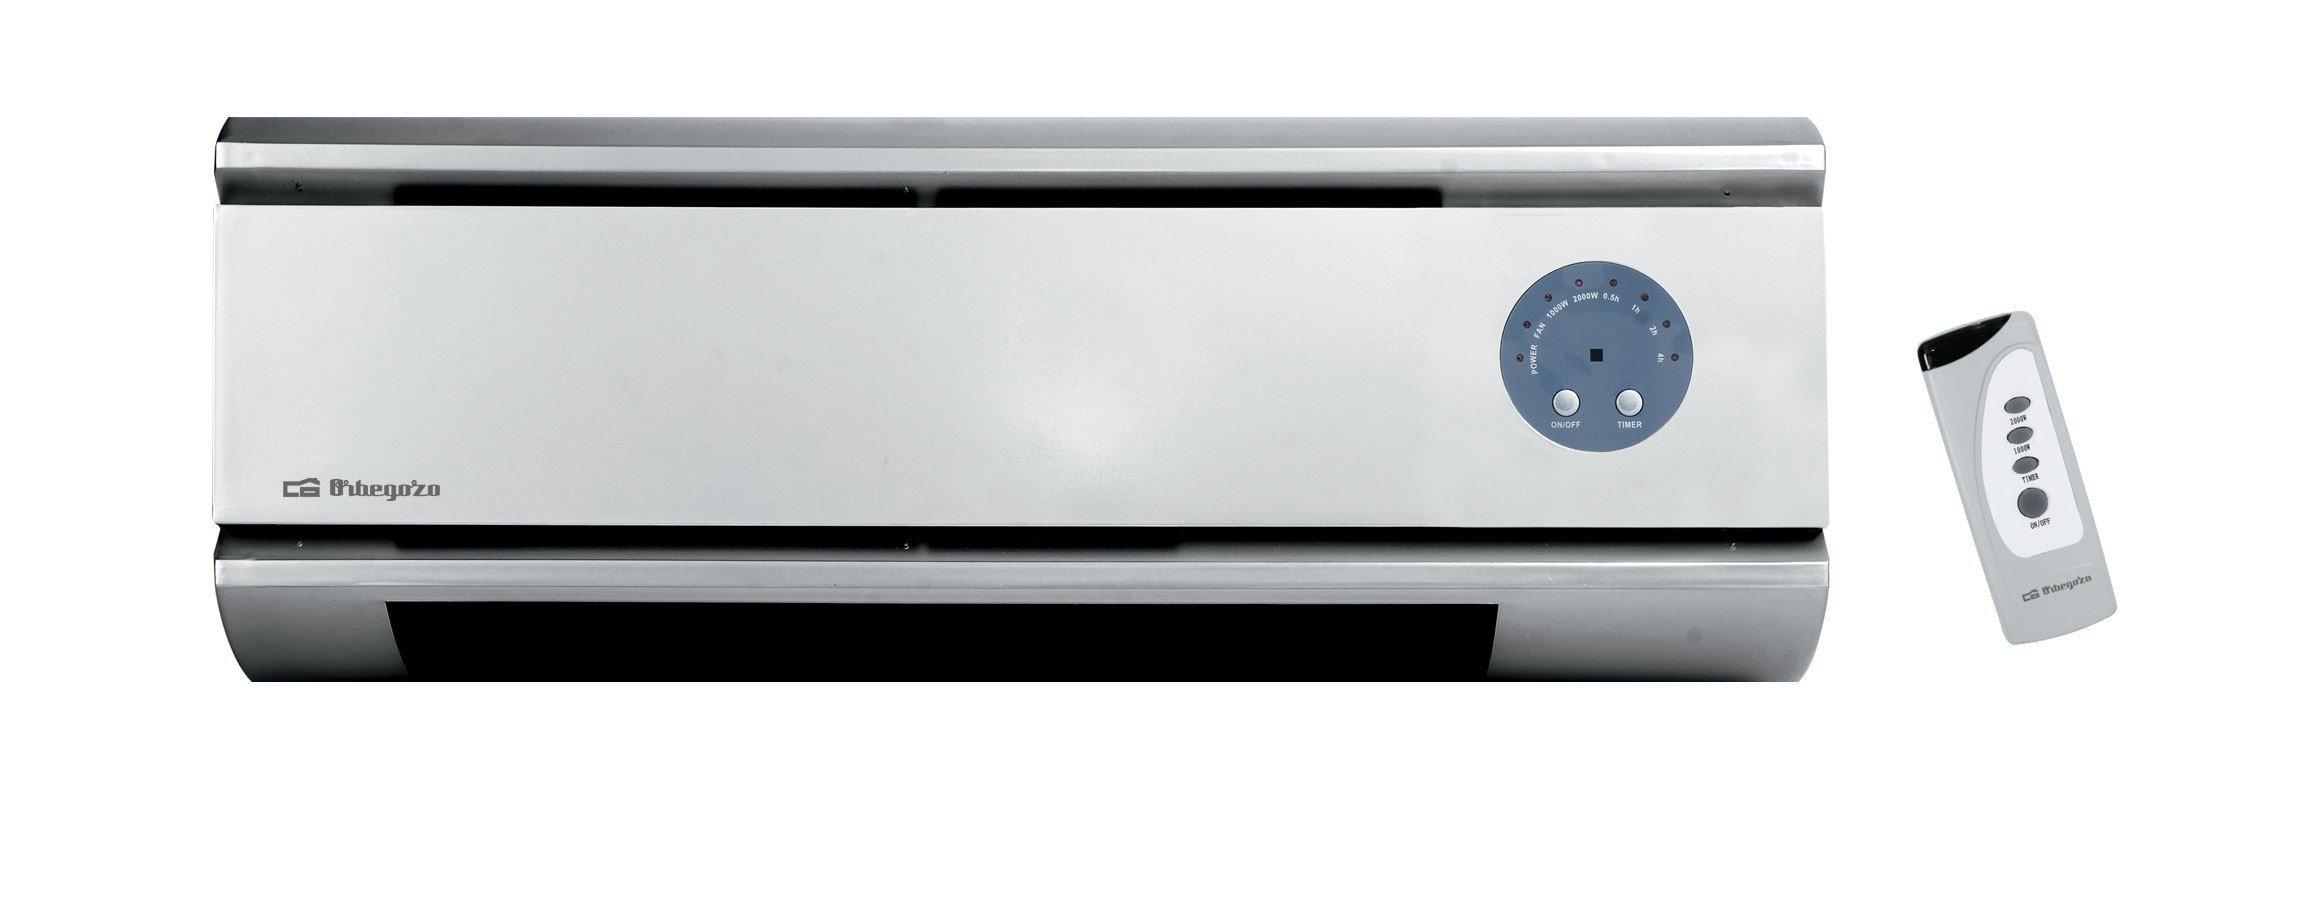 Comprar calefactor orbegozo sp 5020 al mejor precio - Calefactores de bano ...